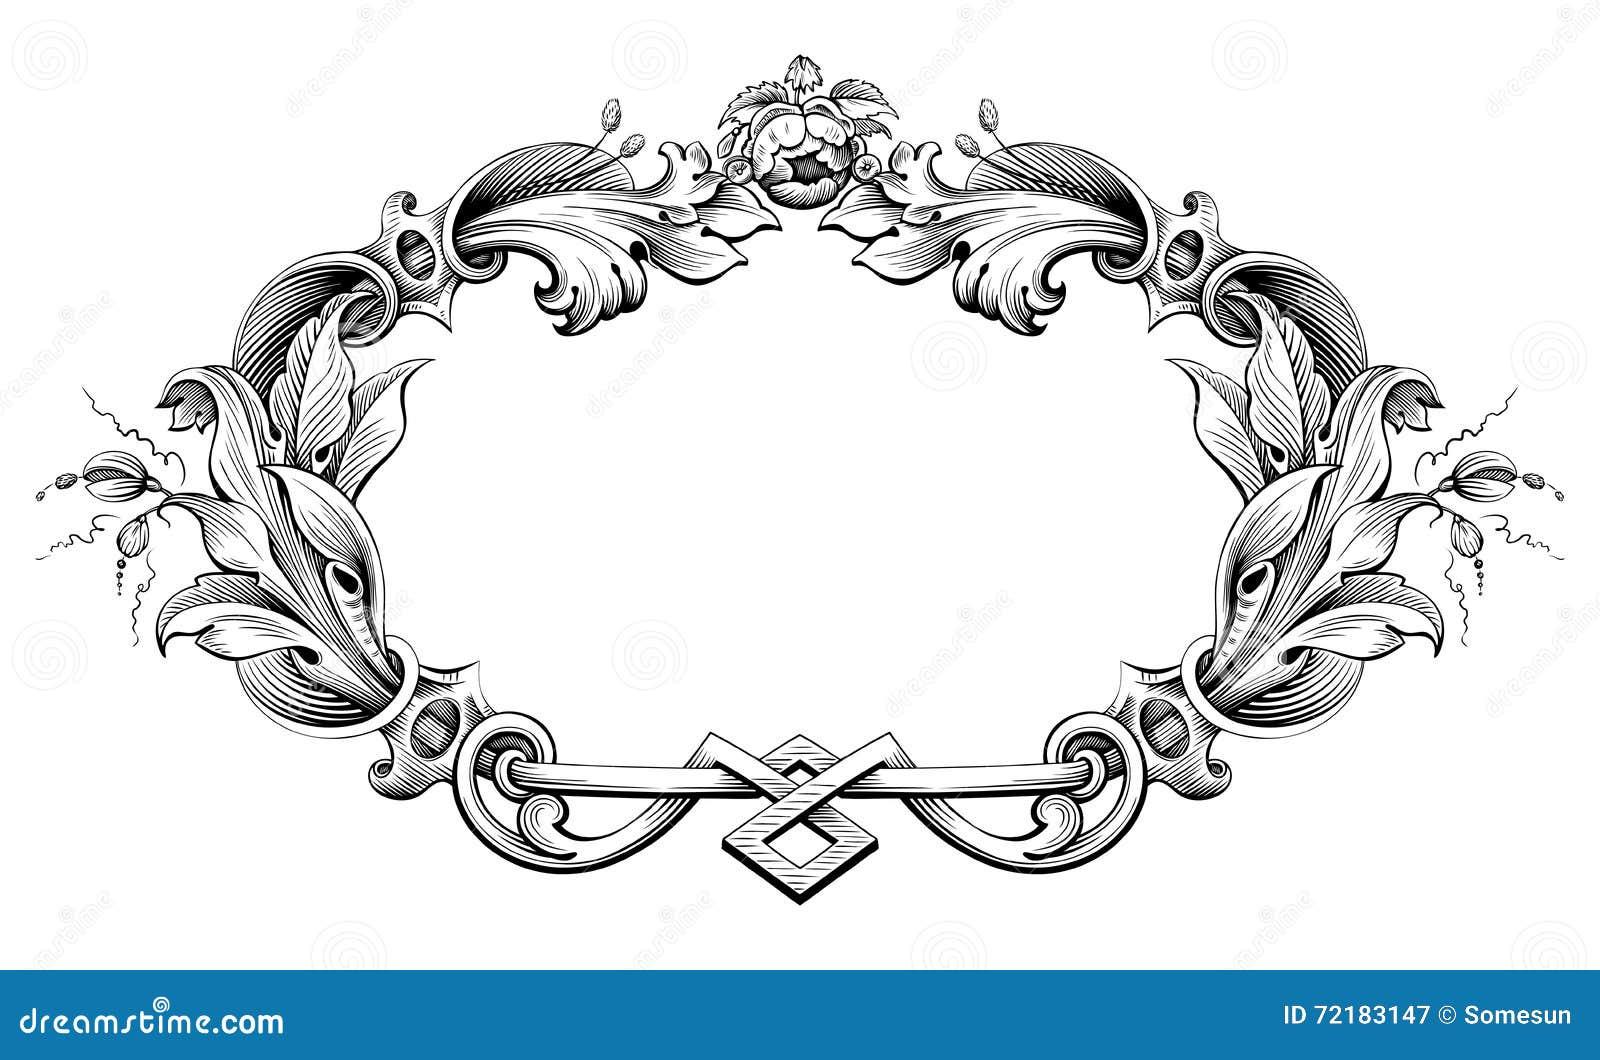 Vintage Baroque Victorian Frame Border Monogram Floral Ornament ...